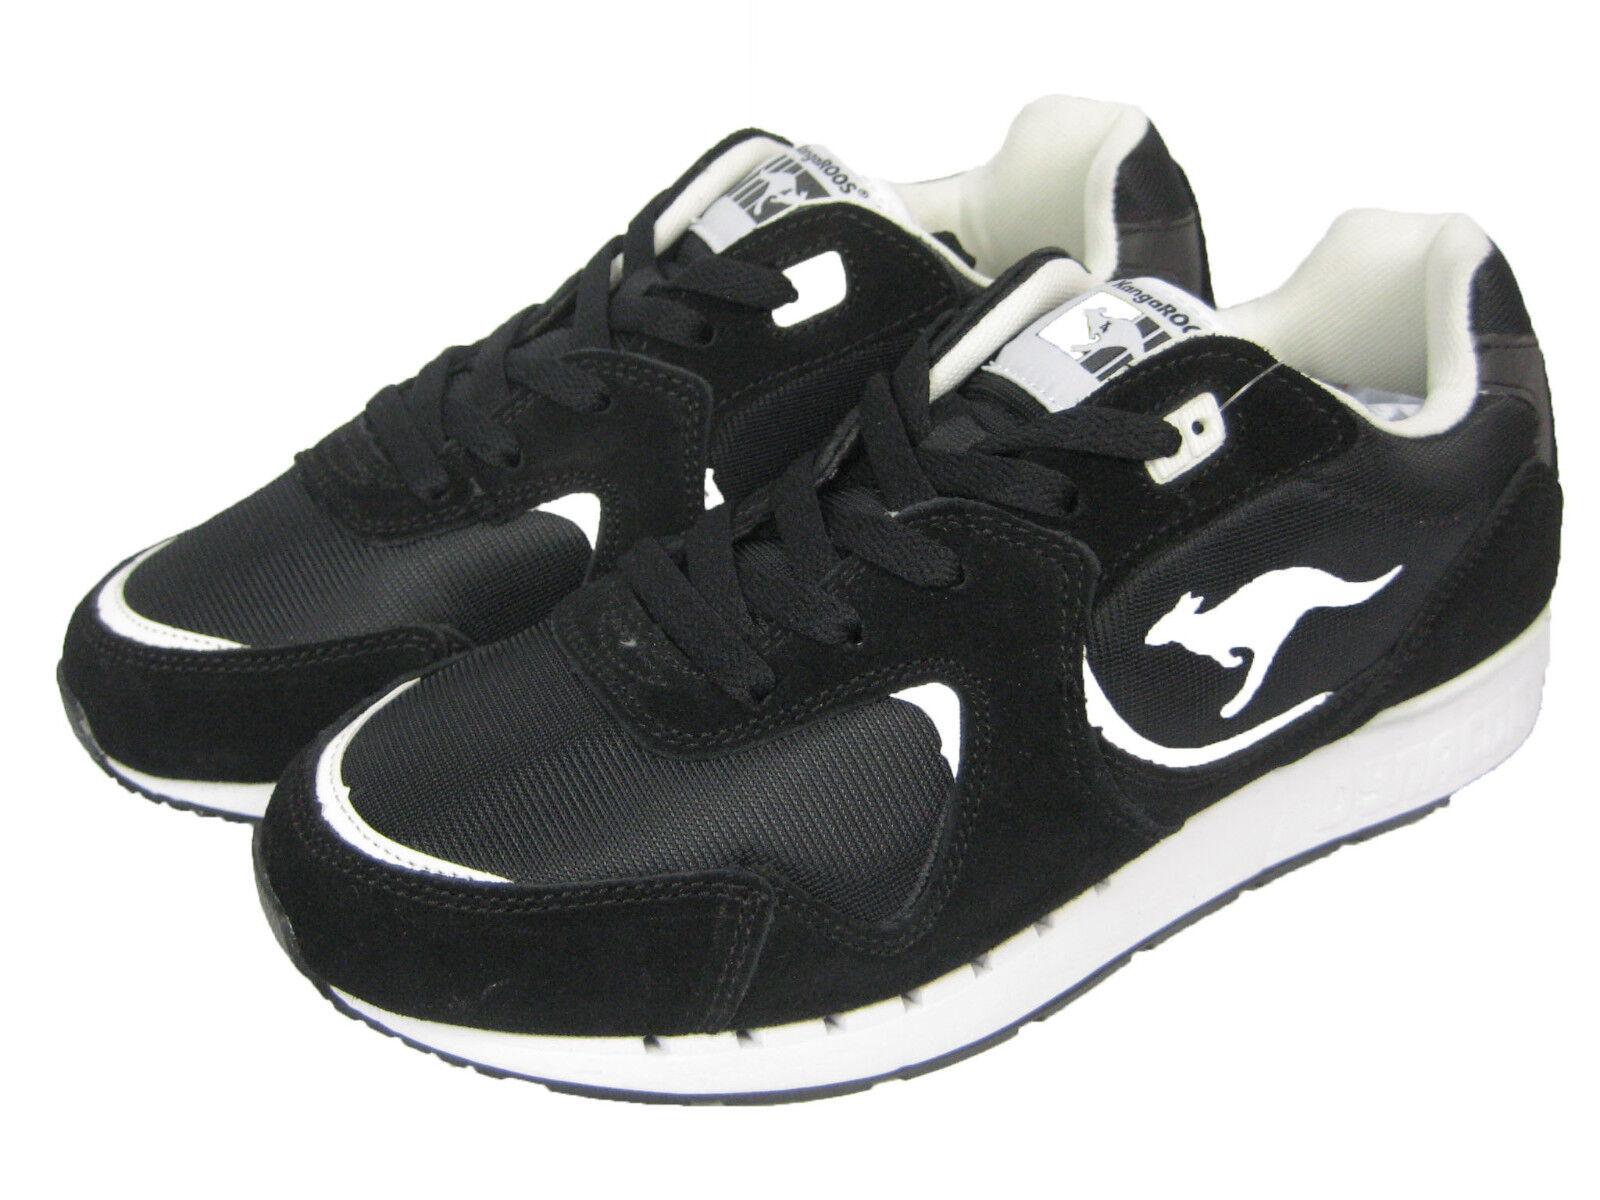 KangaROOS Herren Schuh Sneaker Laufschuh Low Coil-R2 schwarz / black